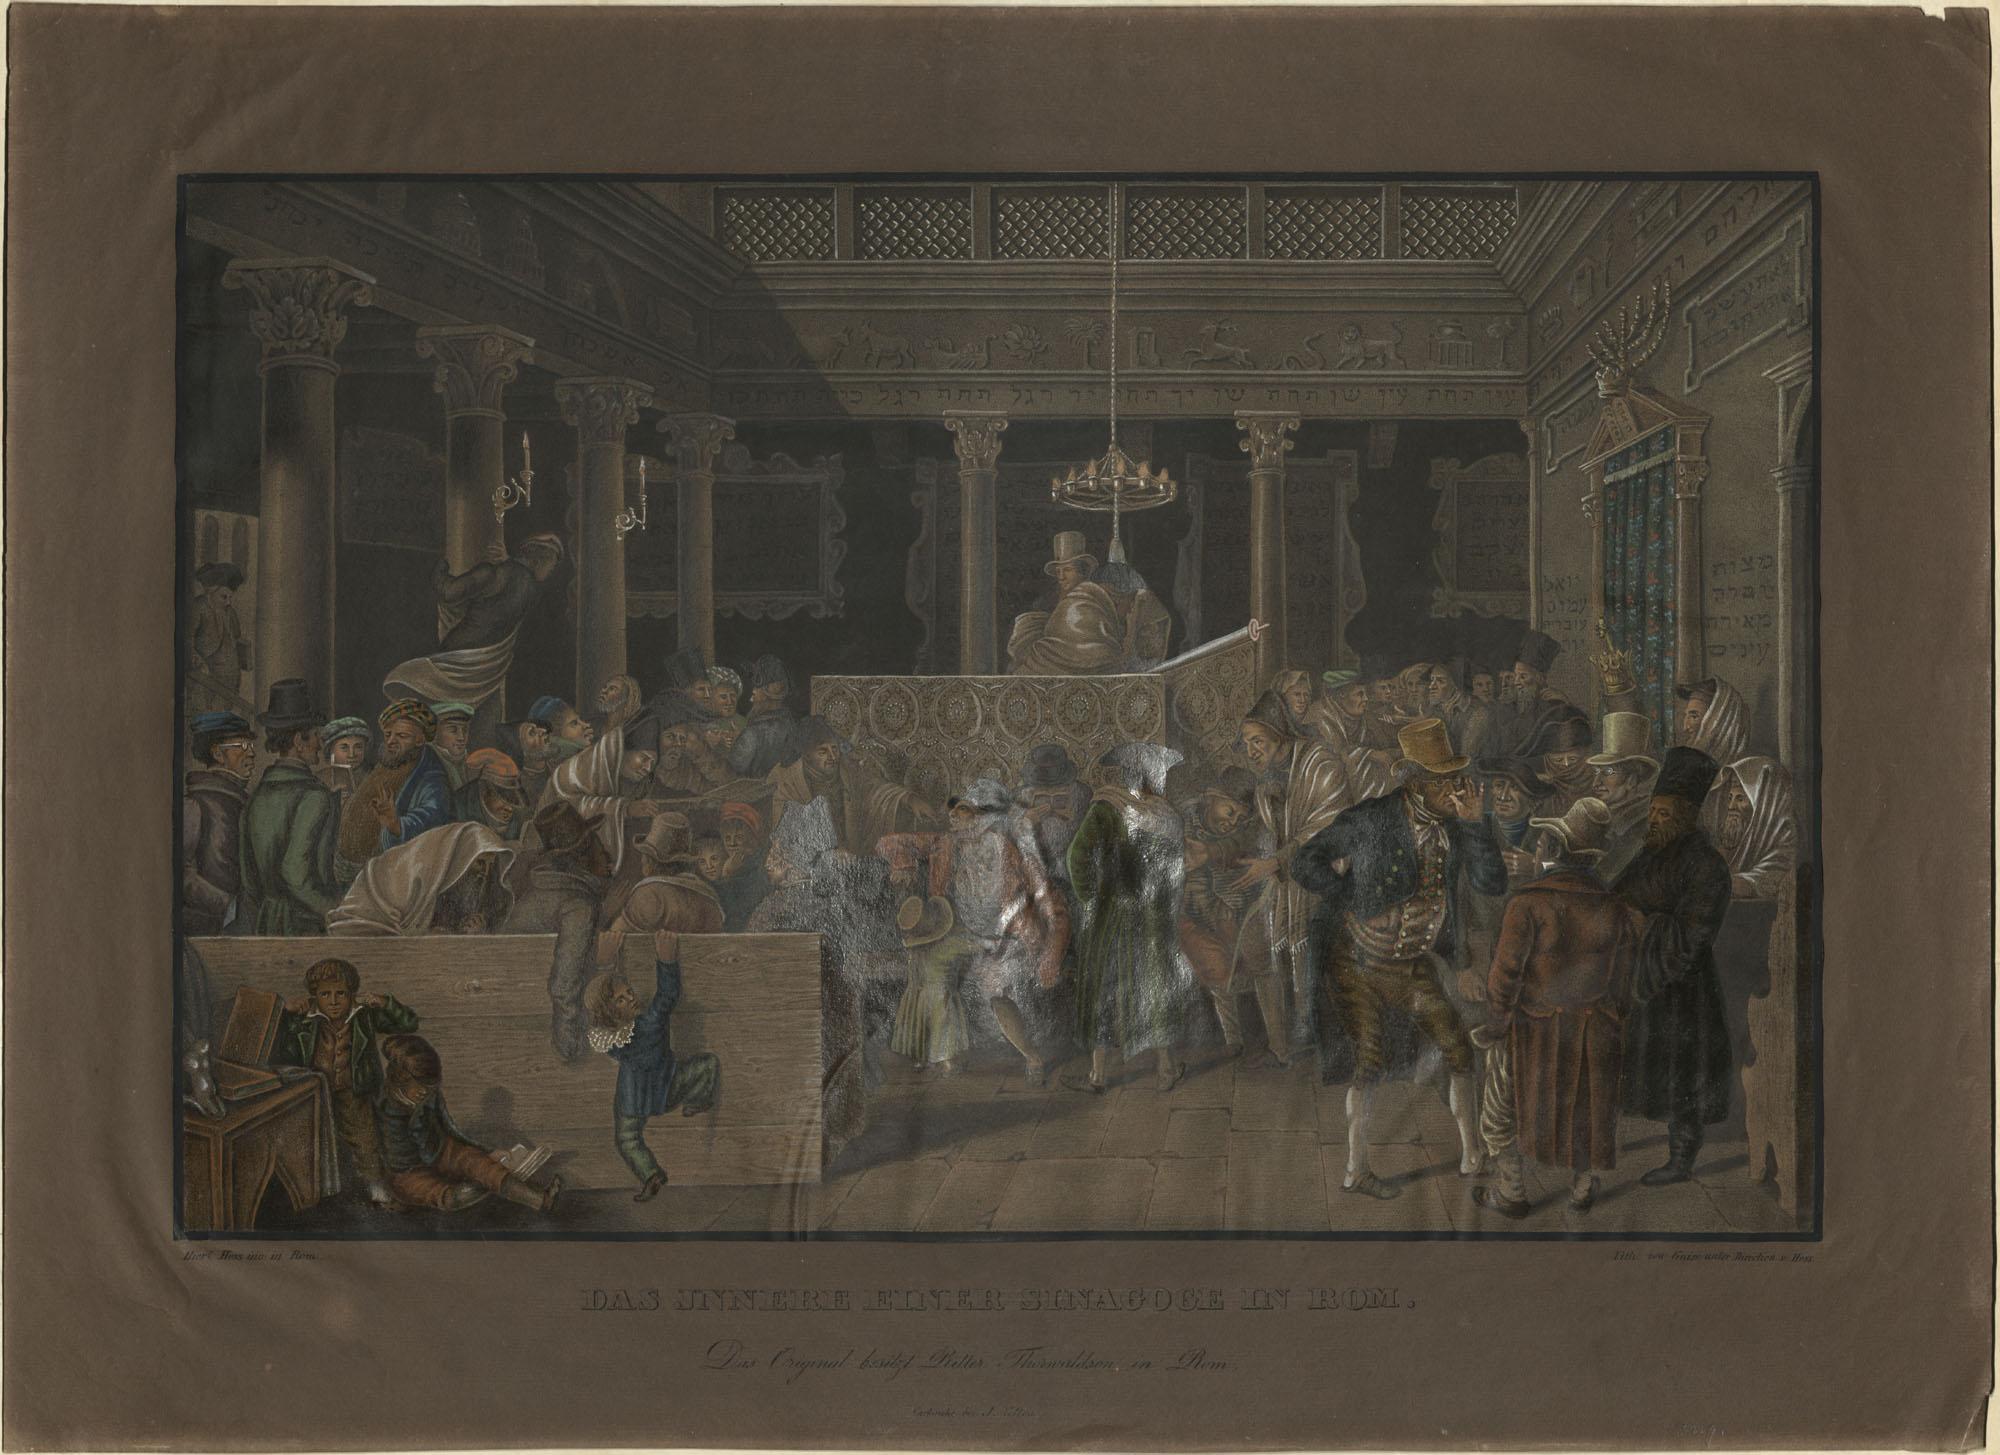 Das innere einer Sinagoge in Rom